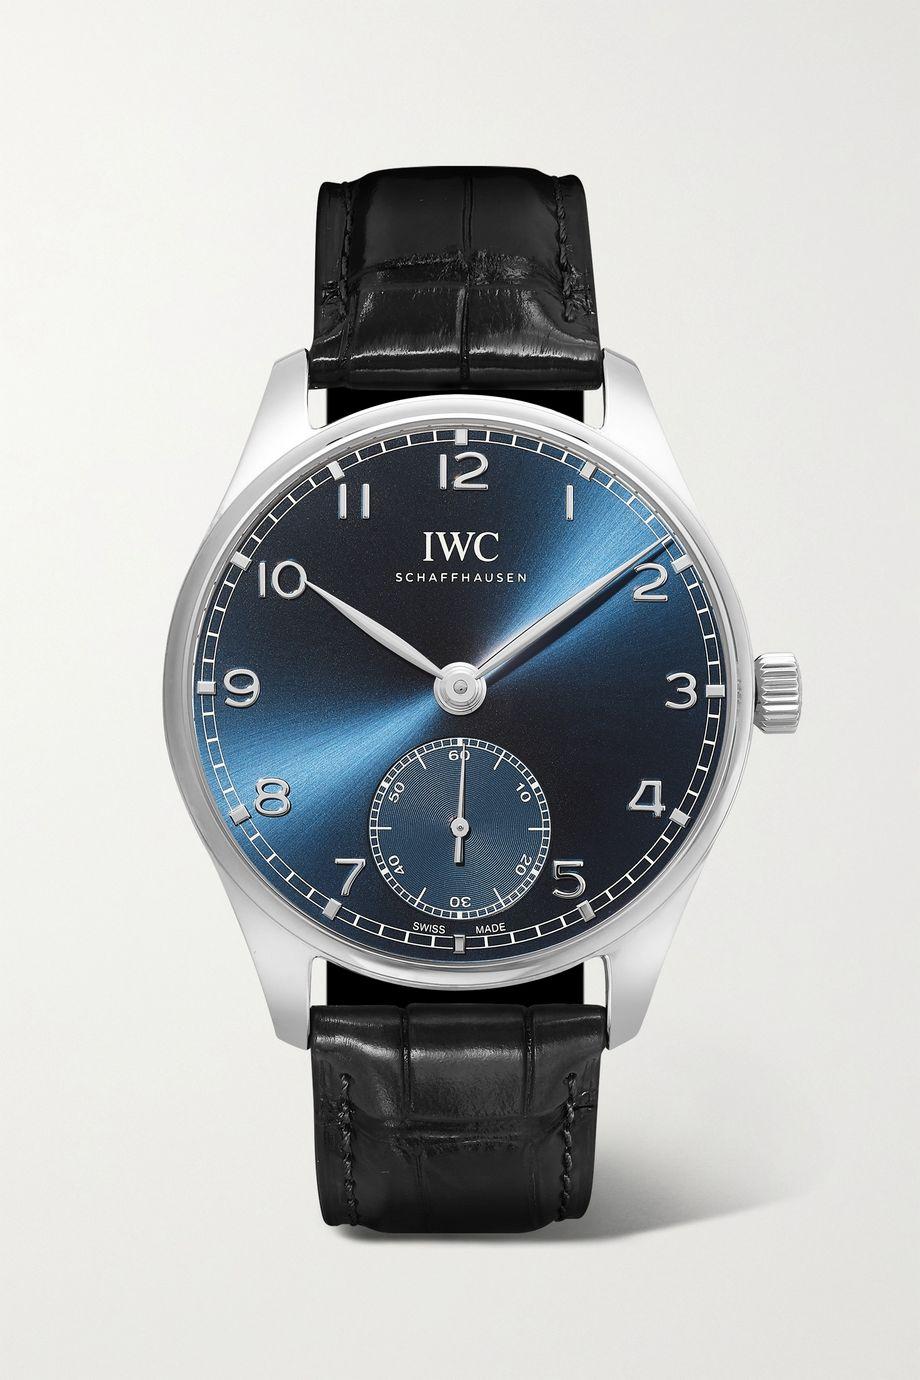 IWC SCHAFFHAUSEN Portugieser Automatic 40.4mm stainless steel and alligator watch